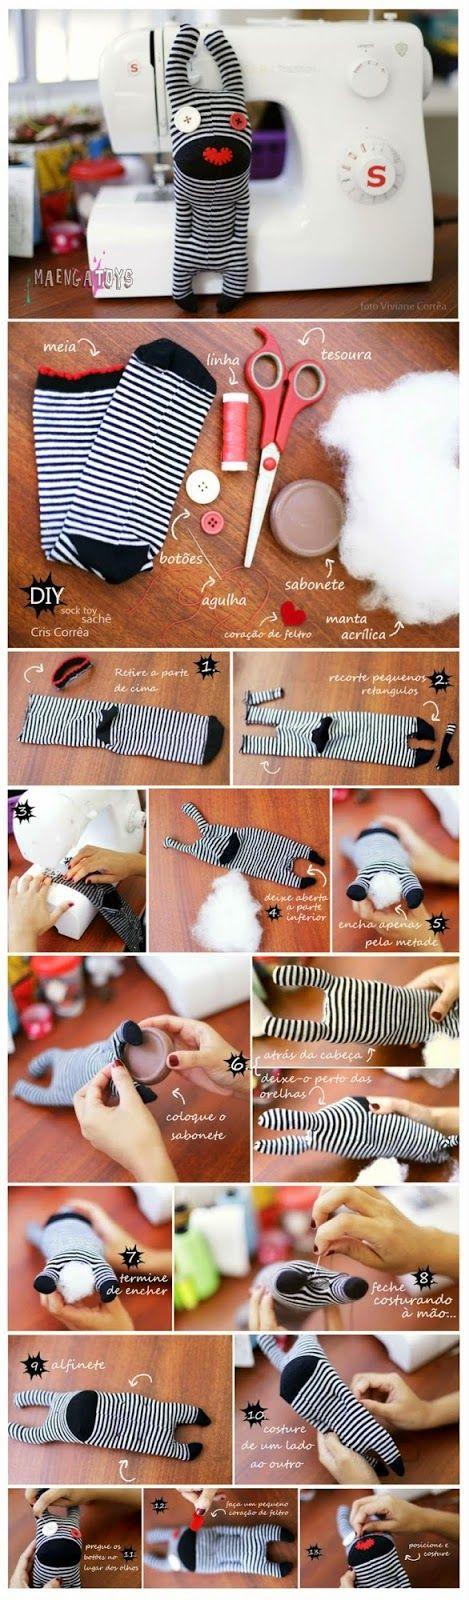 donneinpink magazine: Riciclo calzini colorati- Come fare pupazzi riciclando calzini- Upcycle socks DIY